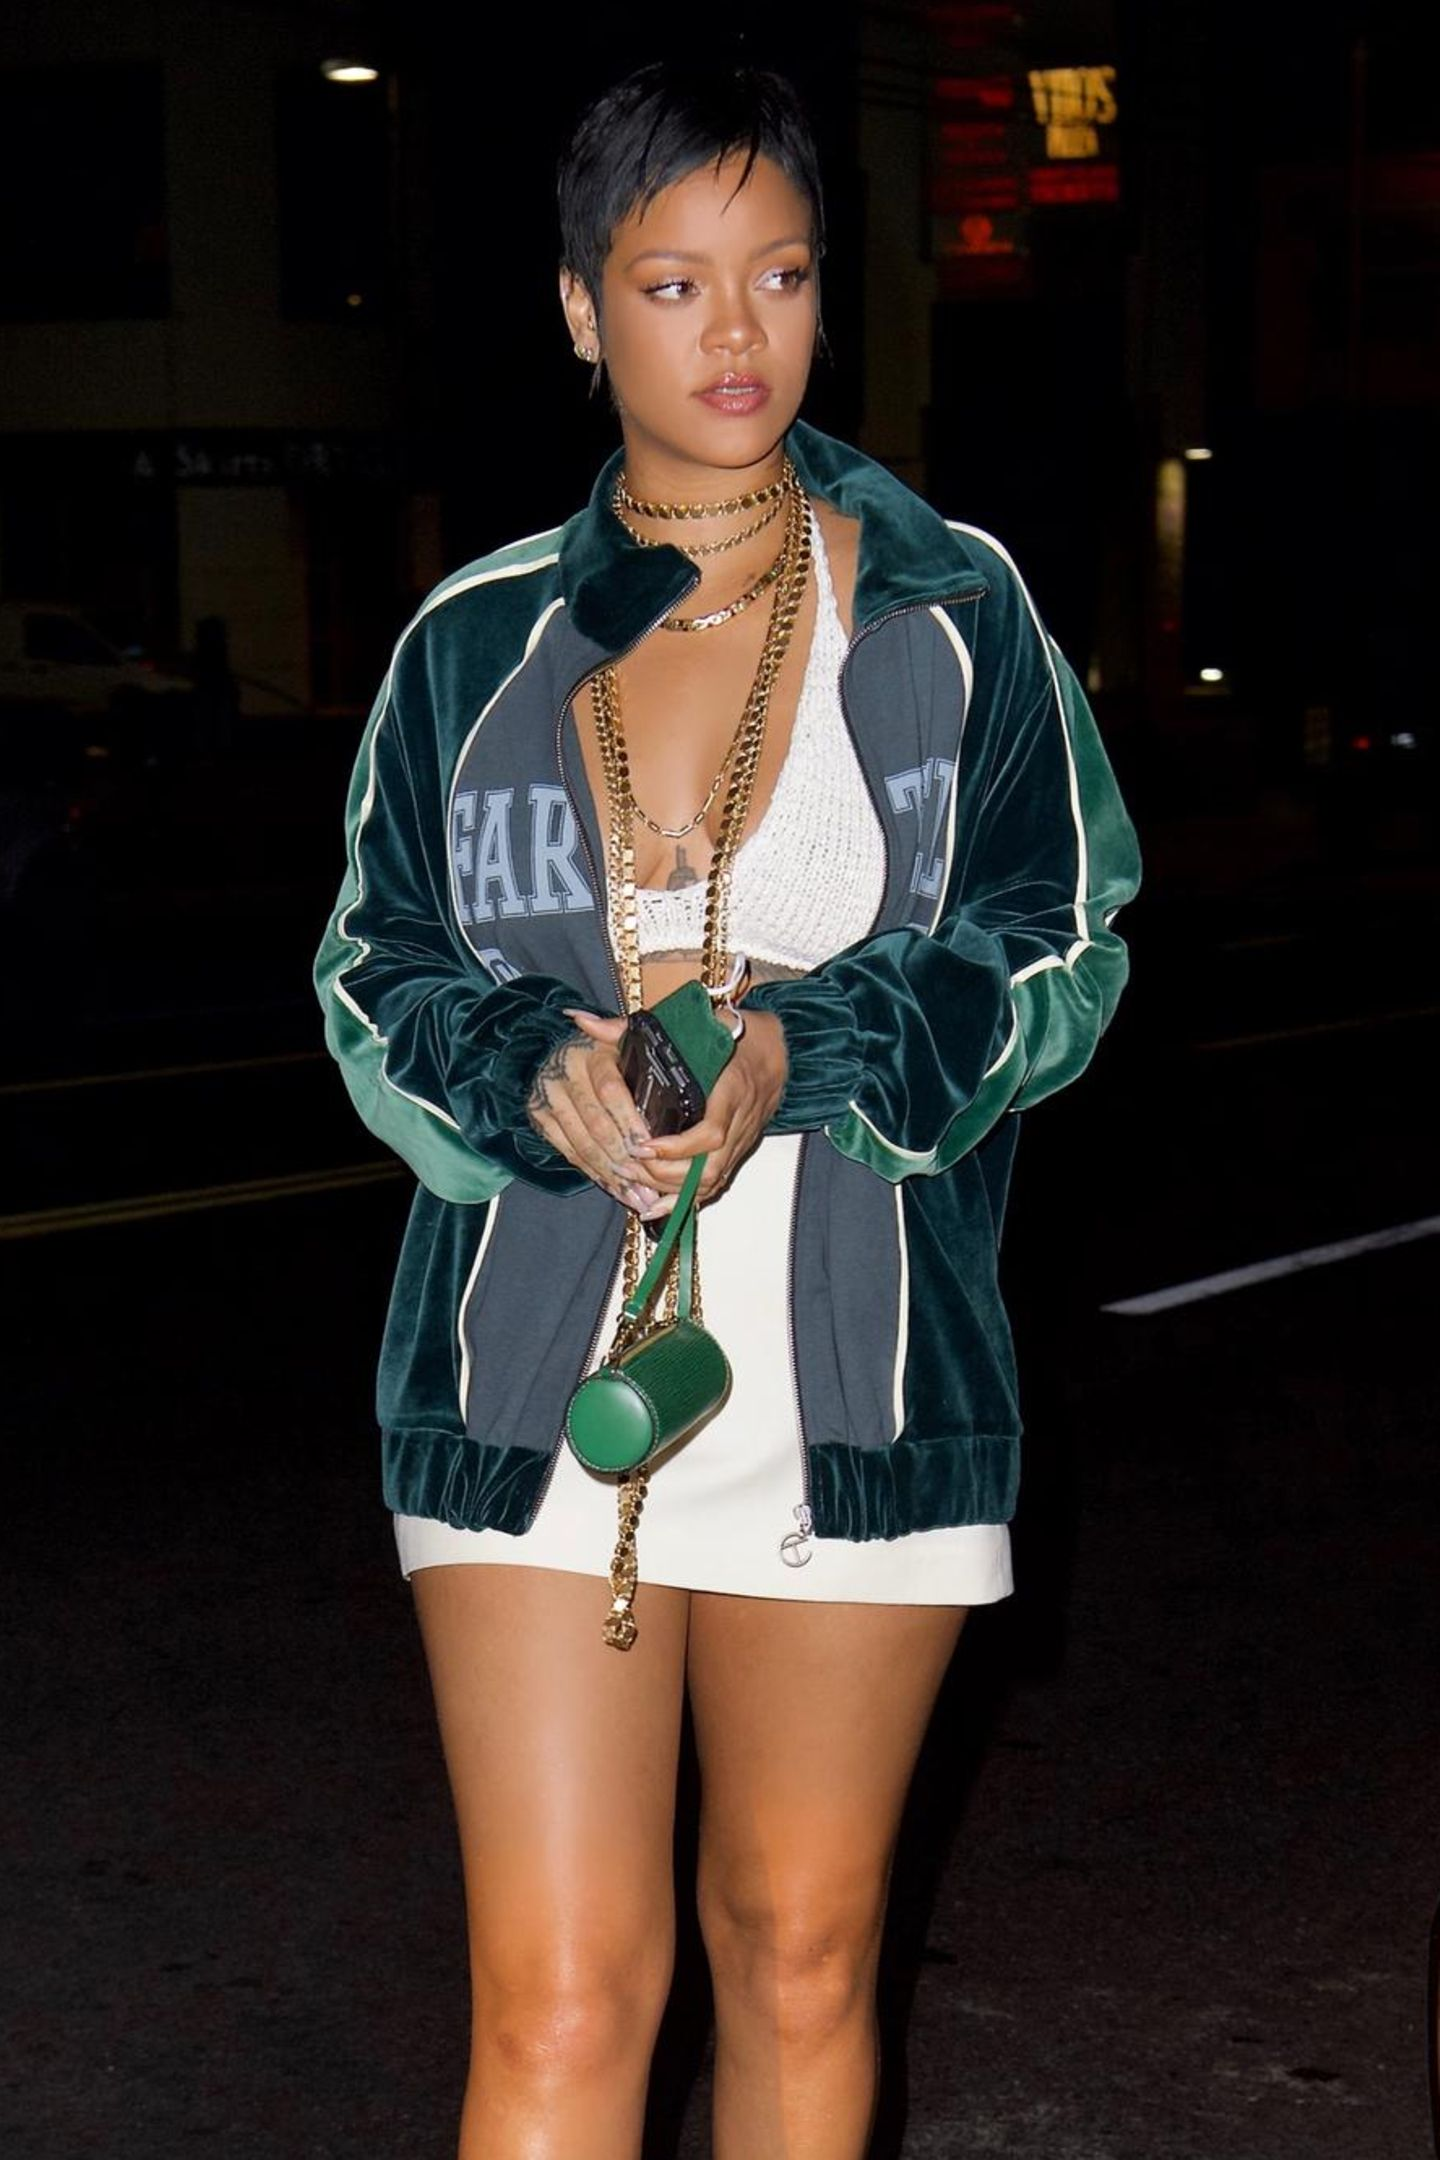 """Huch, wurde die Zeit hier etwa zurückgedreht? Irgendwie kommt uns Rihannas Look doch bekannt vor... Genau, diesePixie-Frisur erinnert an die Anfänge ihrer Karriere,als sie Hits wie """"Rude Boy"""" oder """"Russian Rouletteveröffentlichte. Bei einem Abendessen mit Freunden trägt sie ein tief ausgeschnittenes Top und einen dazu passenden Rock. Damit das Outfit etwas cooler wirkt, kombiniert sie dazu eineTrainingsjacke und Goldketten."""